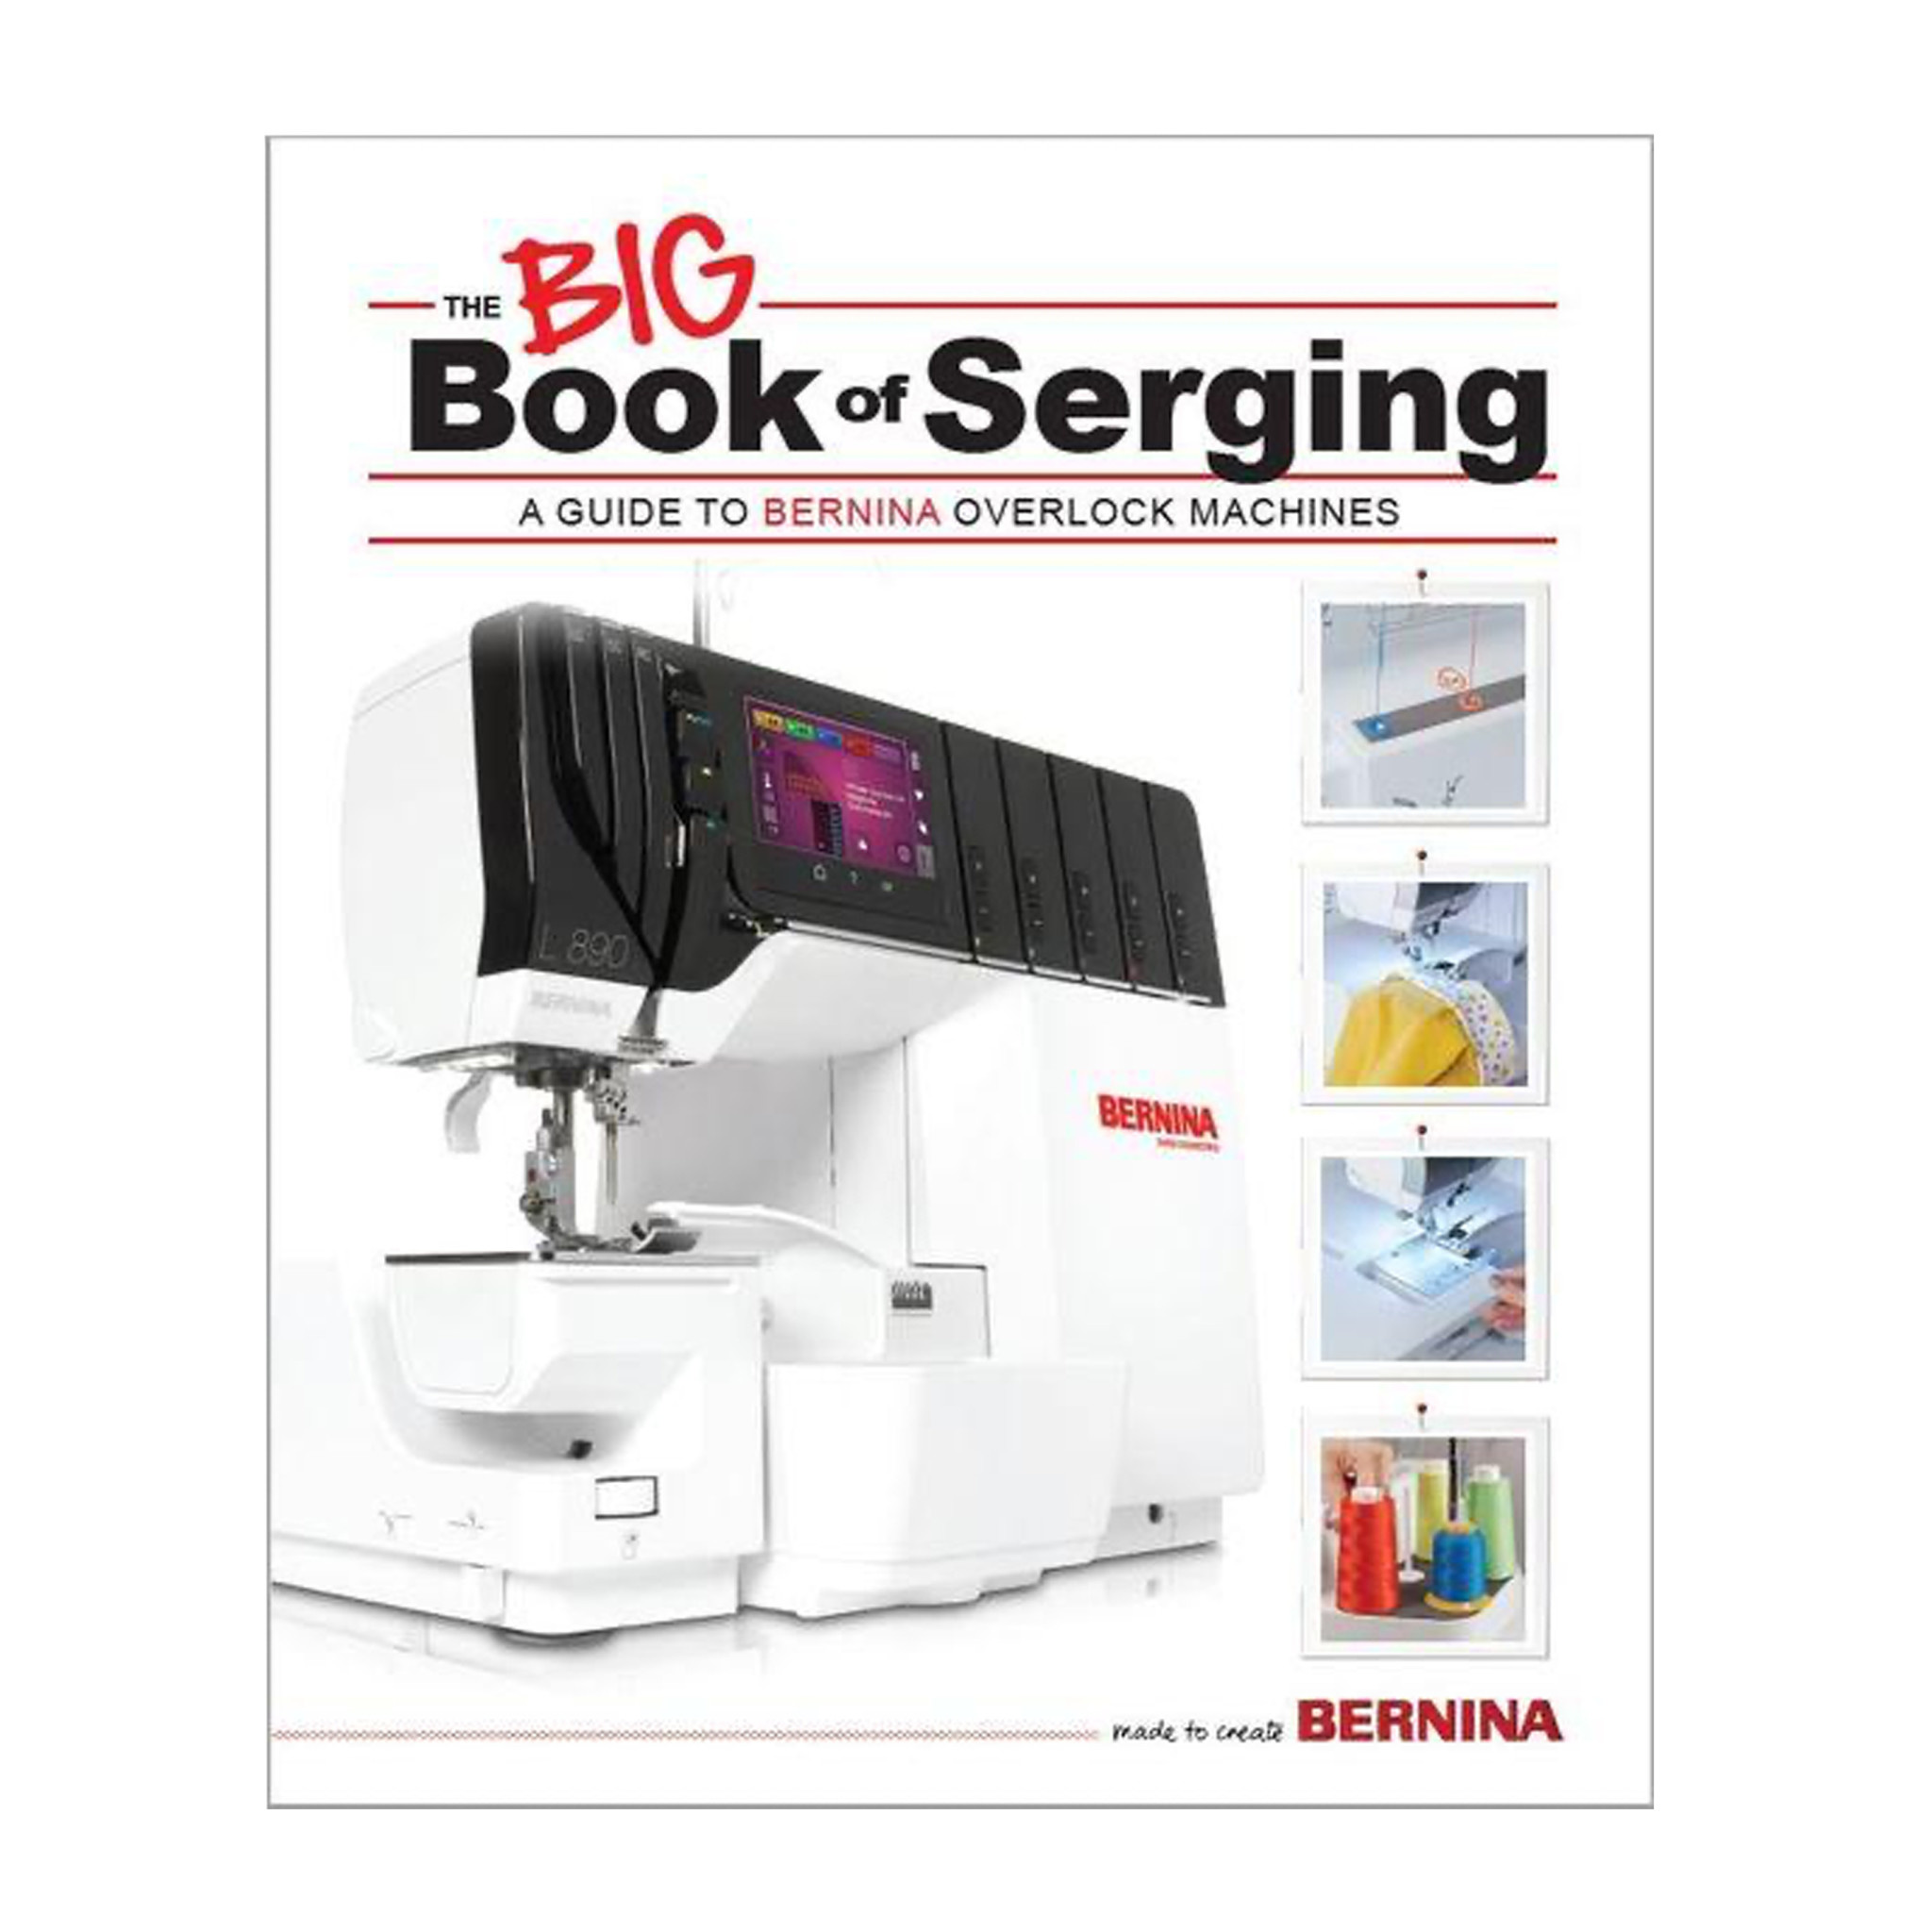 BERNINA Bernina Big Book of Serging